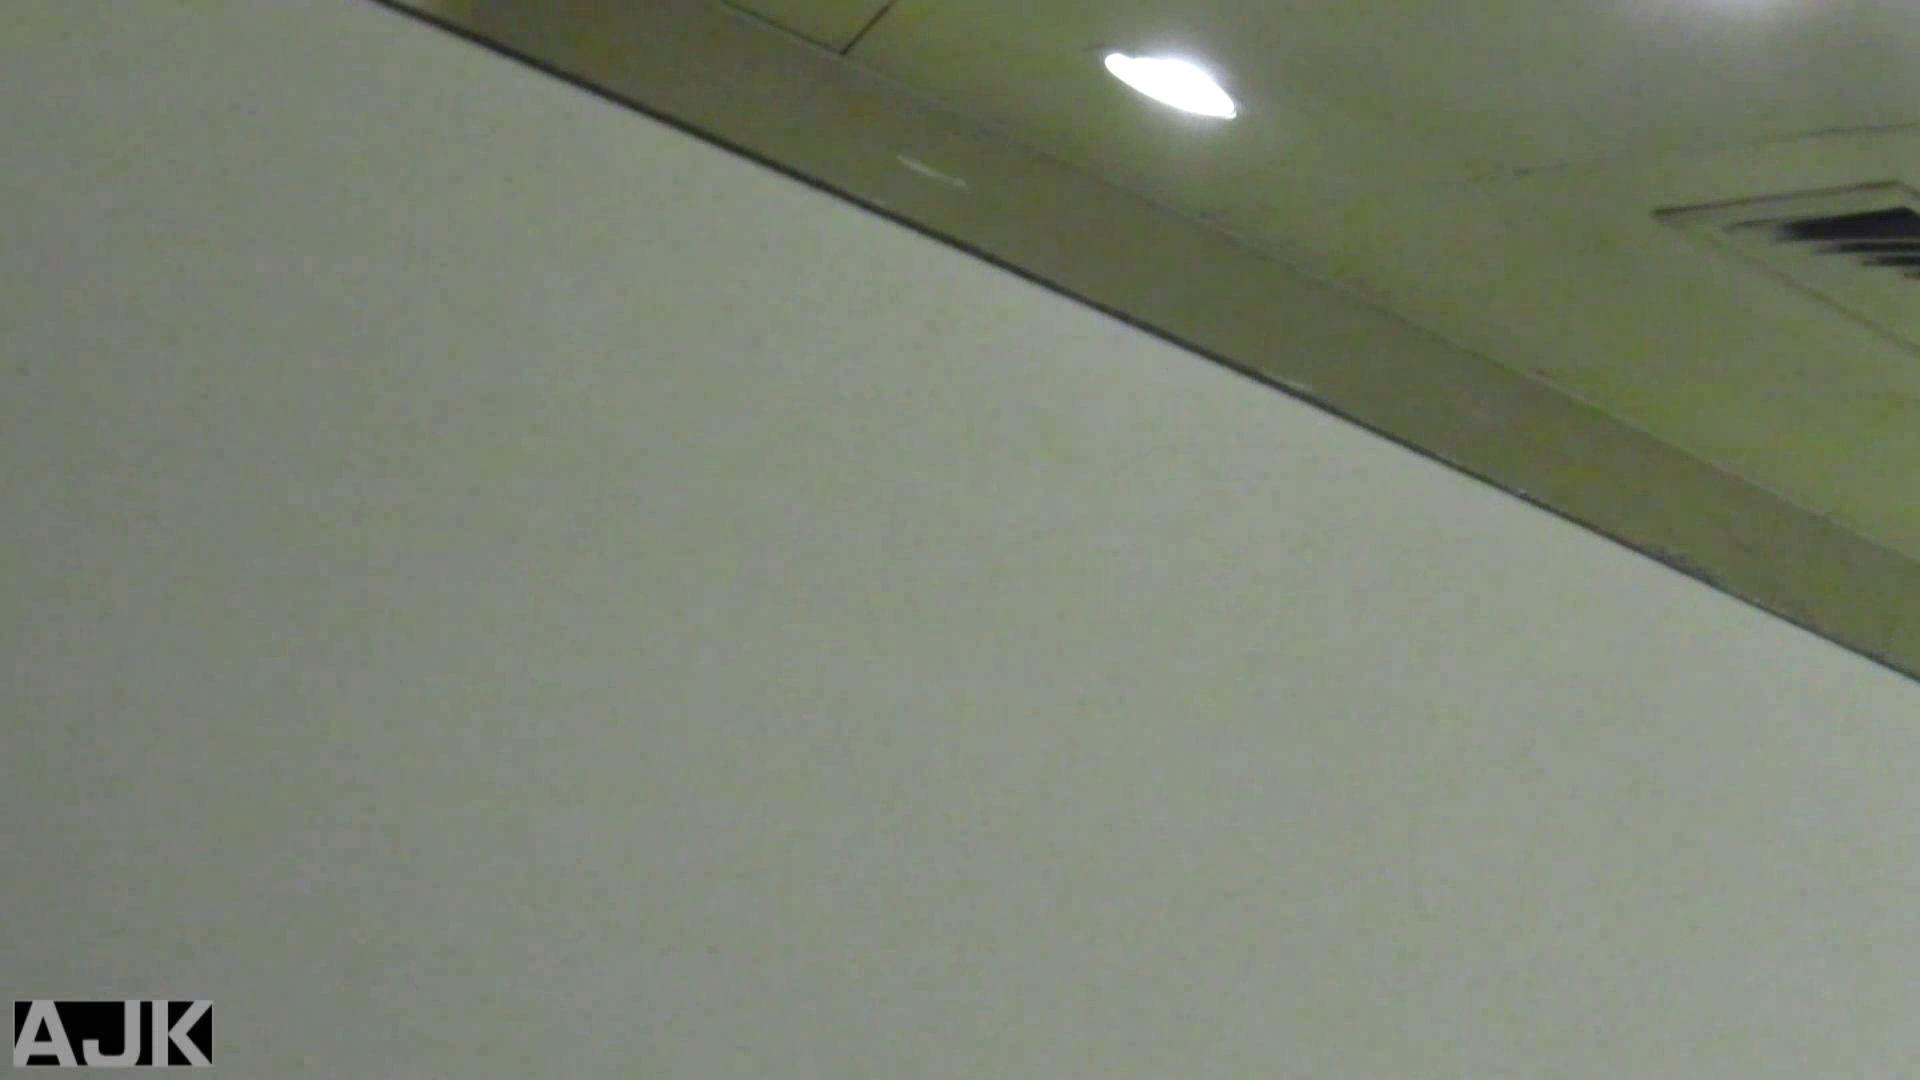 隣国上階級エリアの令嬢たちが集うデパートお手洗い Vol.06 便器 スケベ動画紹介 90枚 63